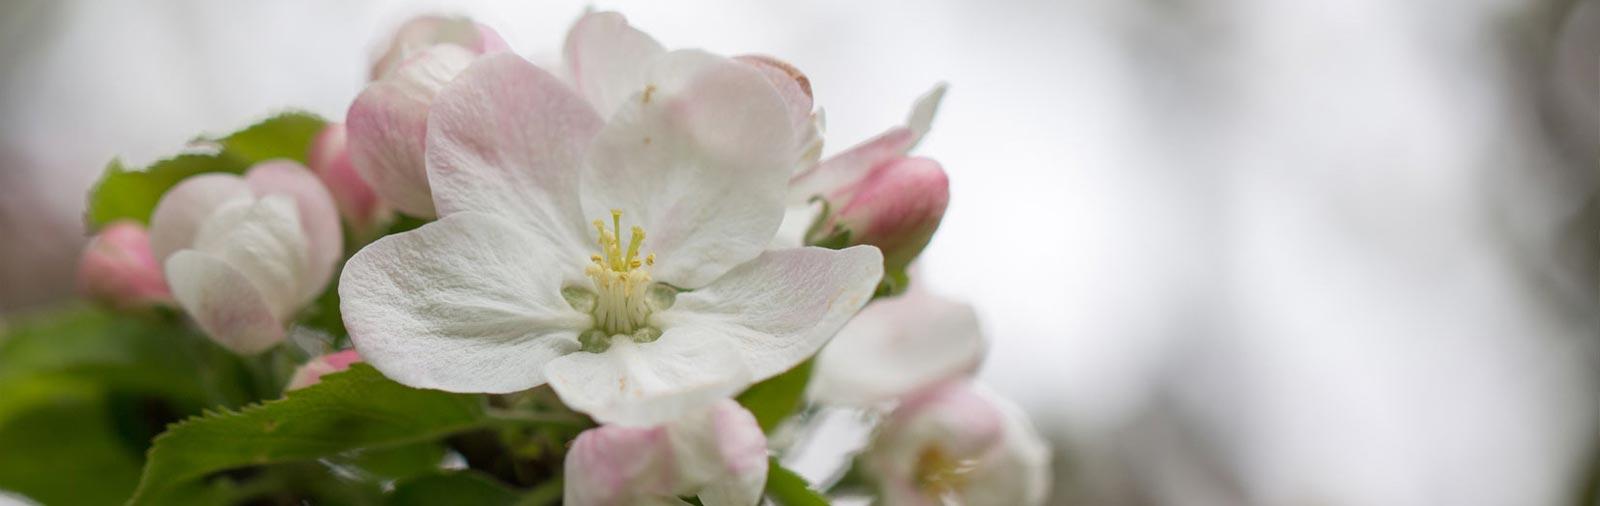 Apple - Malus domestica Borkh.